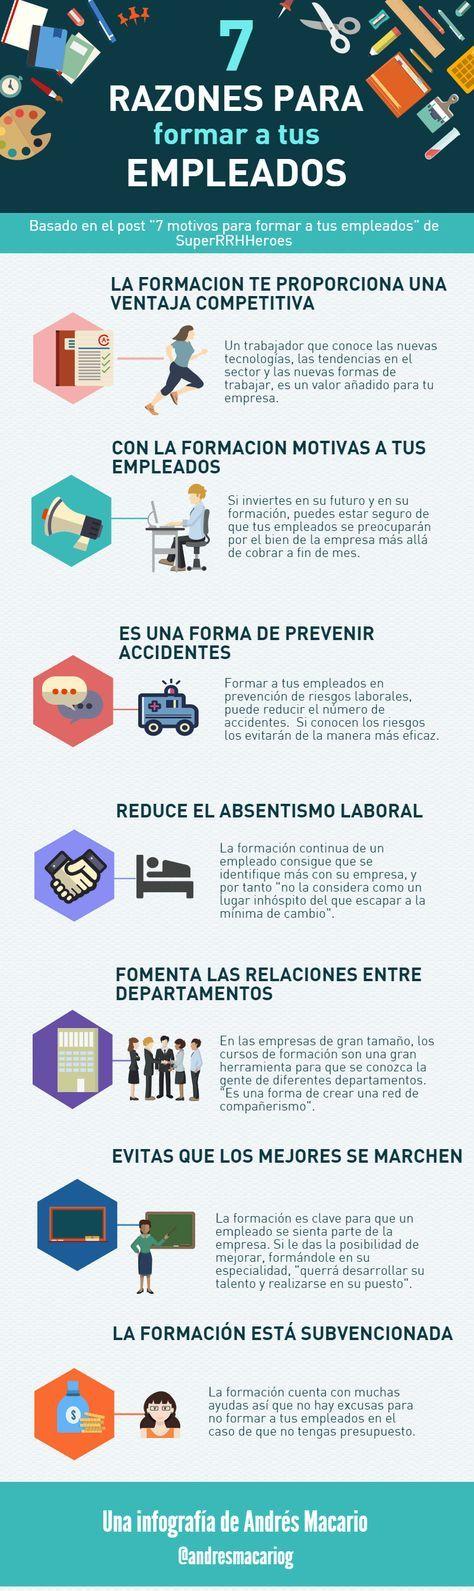 7 razones para formar a tus empleados - Infografia Andres Macario